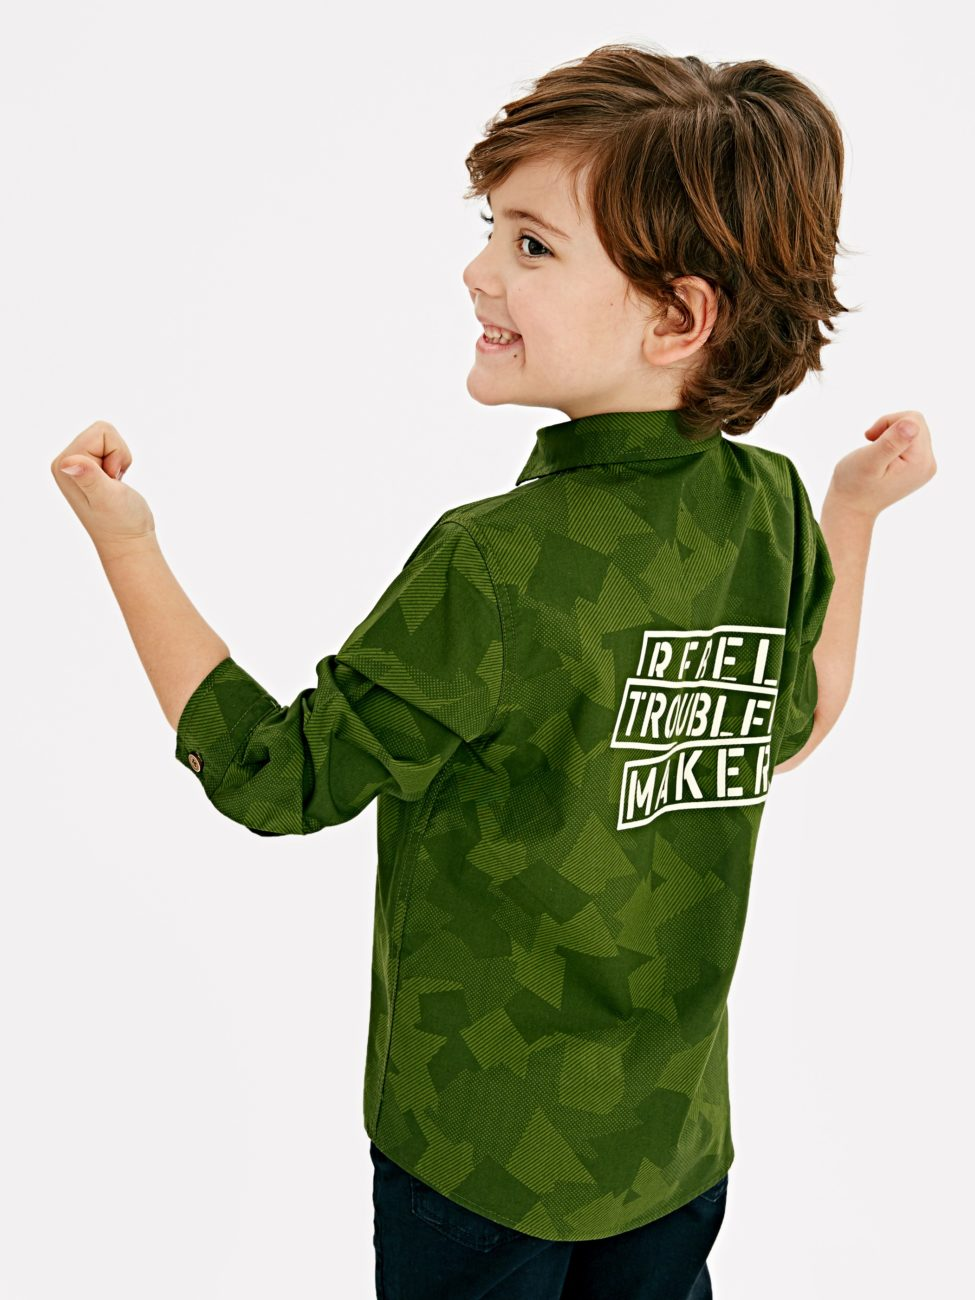 Soldes Lc Waikiki Maroc Chemise pour enfant 99Dhs au lieu de 129Dhs